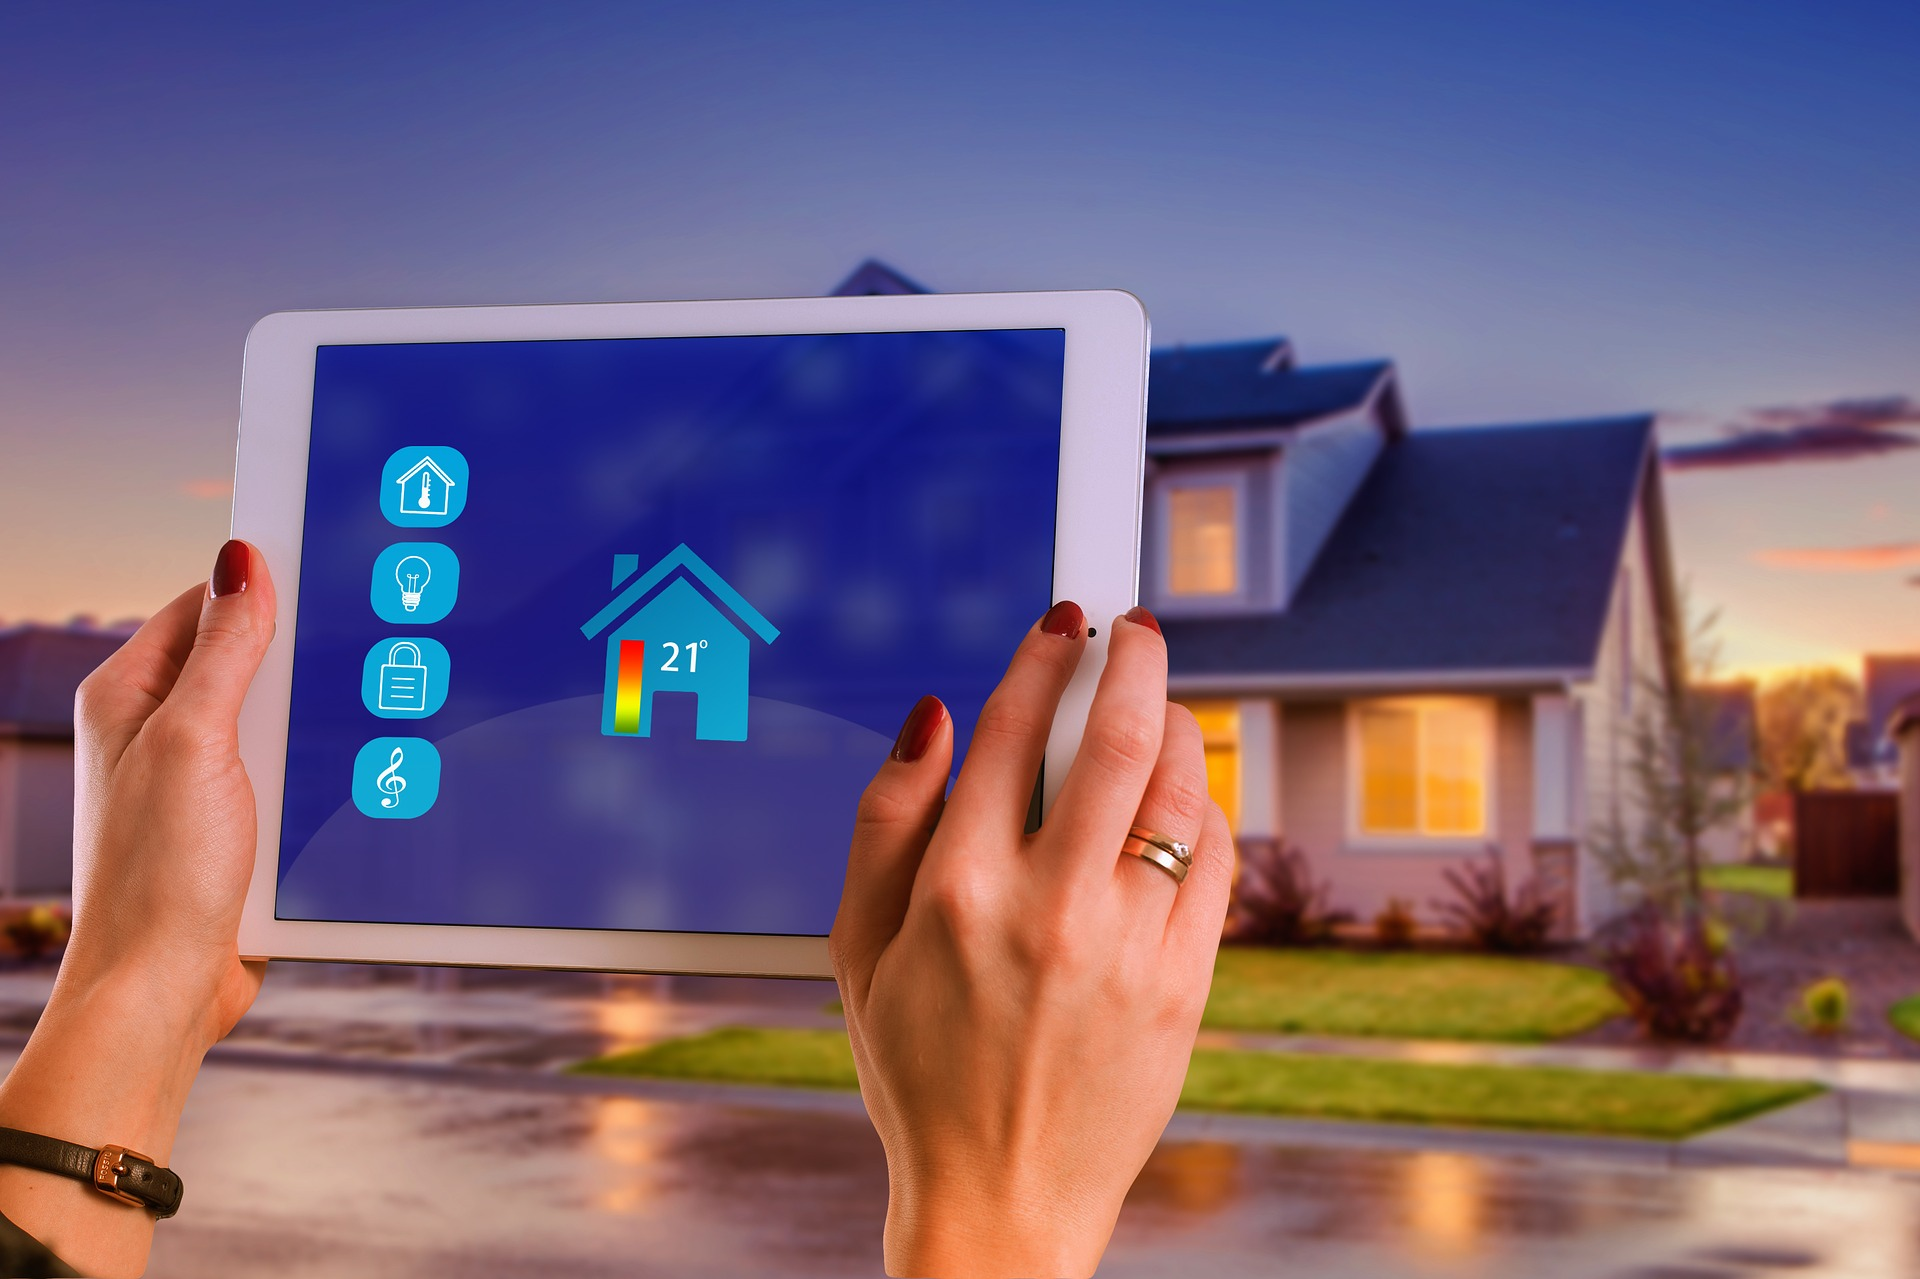 Estos gadgets harán tu hogar más seguro